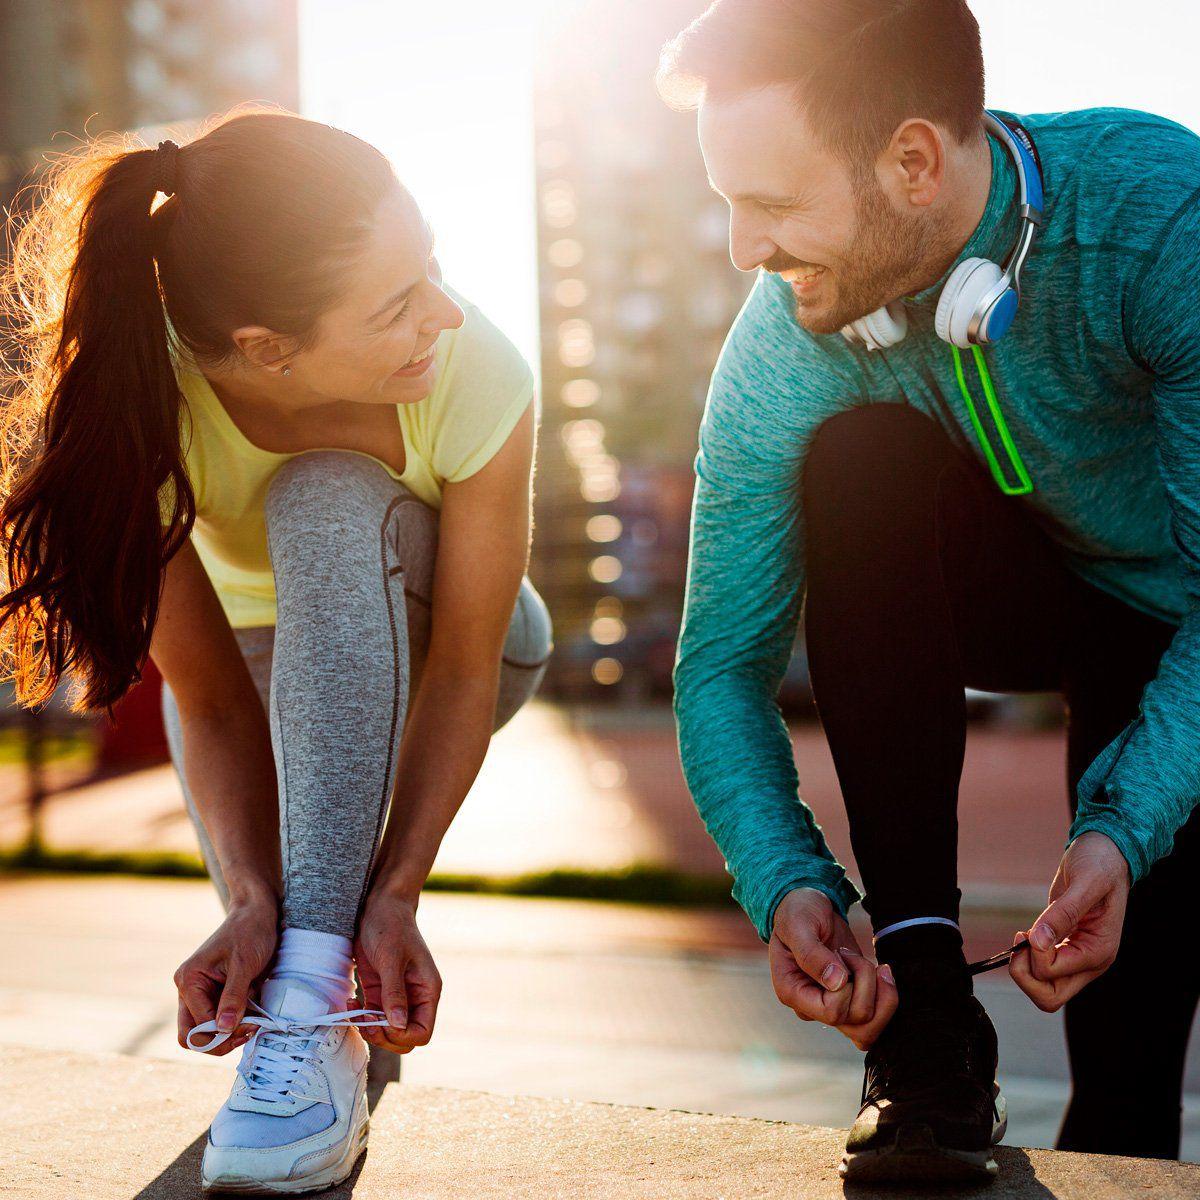 Qualidade de vida: a adoção de hábitos de vida saudáveis  - PUC Minas